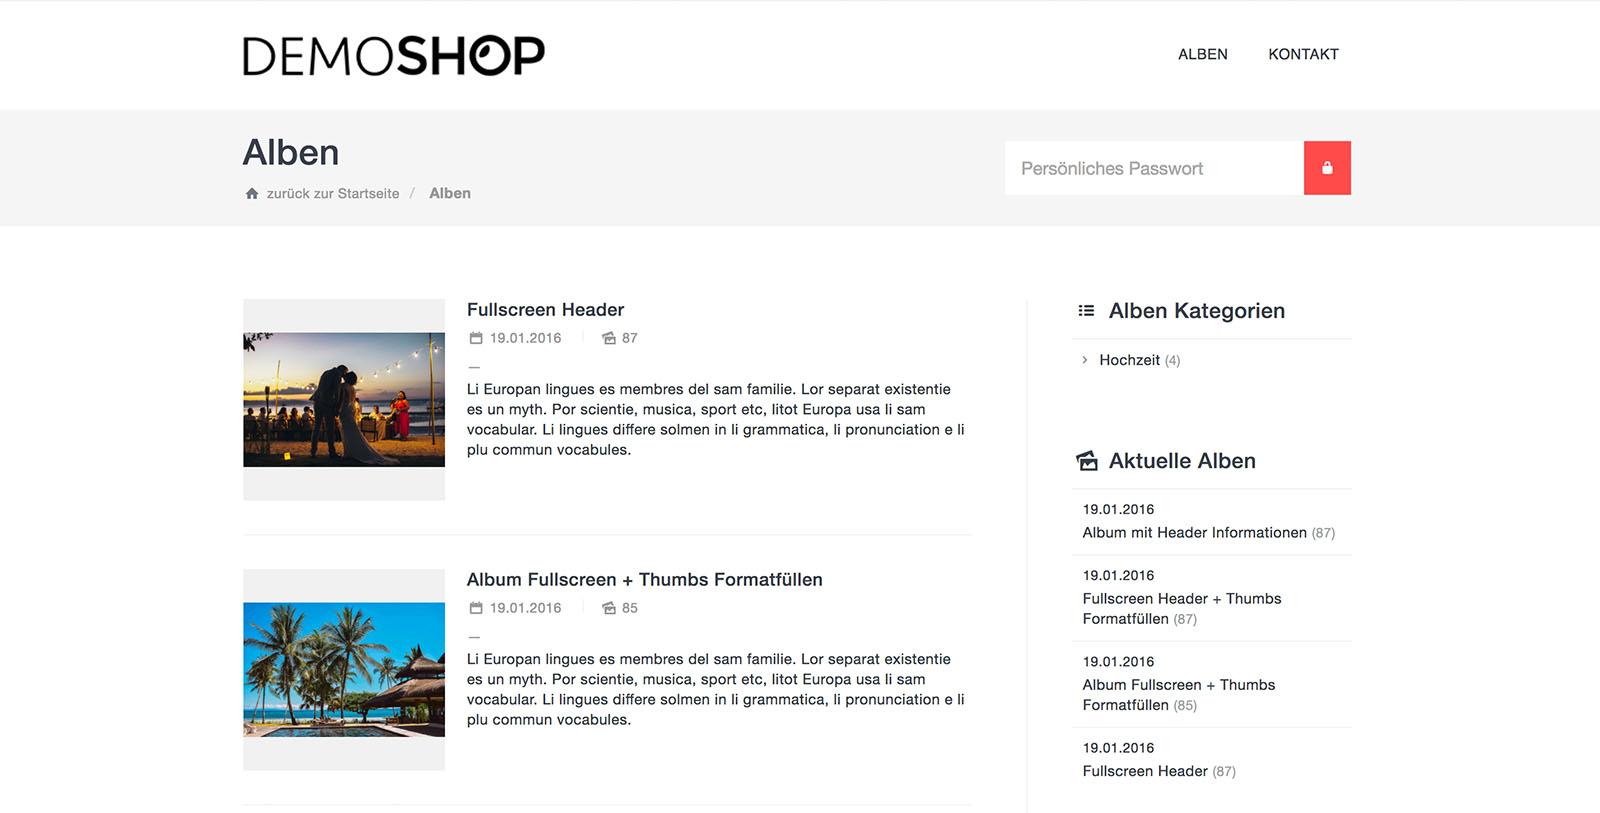 Bildkopie-photo-online-shop-fuer-fotografen-fotostudios-bilder-clever-onliner-verkaufen-02-ladegschwindigkeit-der-alben-uebersicht-im-webshop-wurde-deutlichverbessert